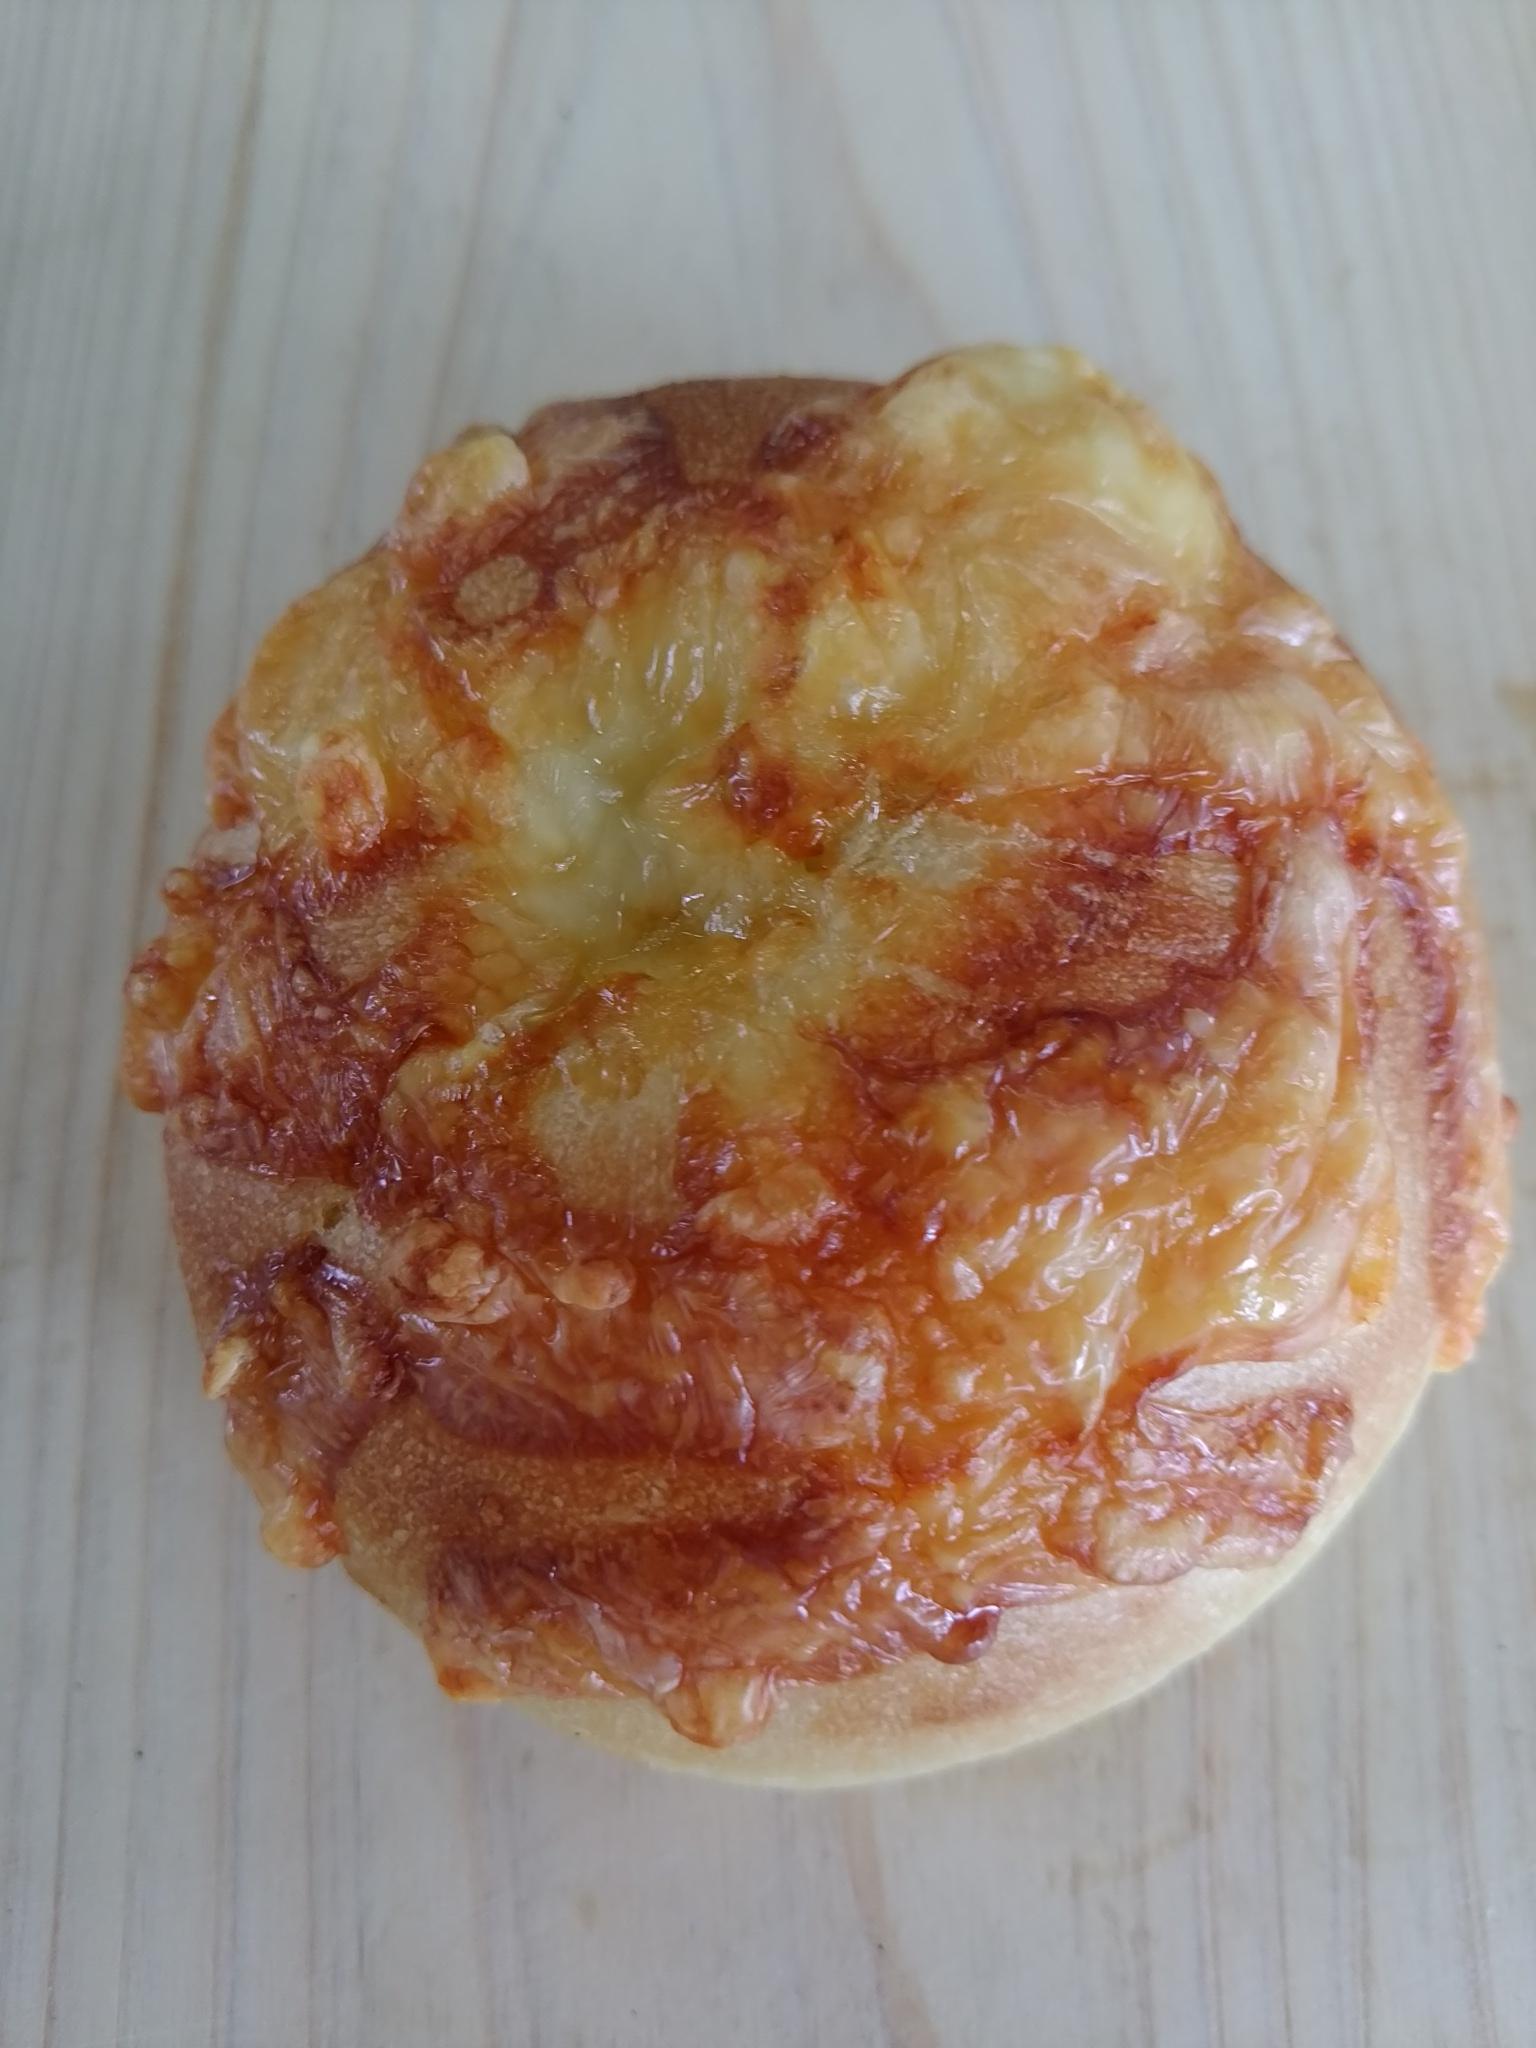 中津川 苗木 パン屋 パパン         ベーコンチーズベーグル 210円         無添加 中山道ハムのベーコン使用